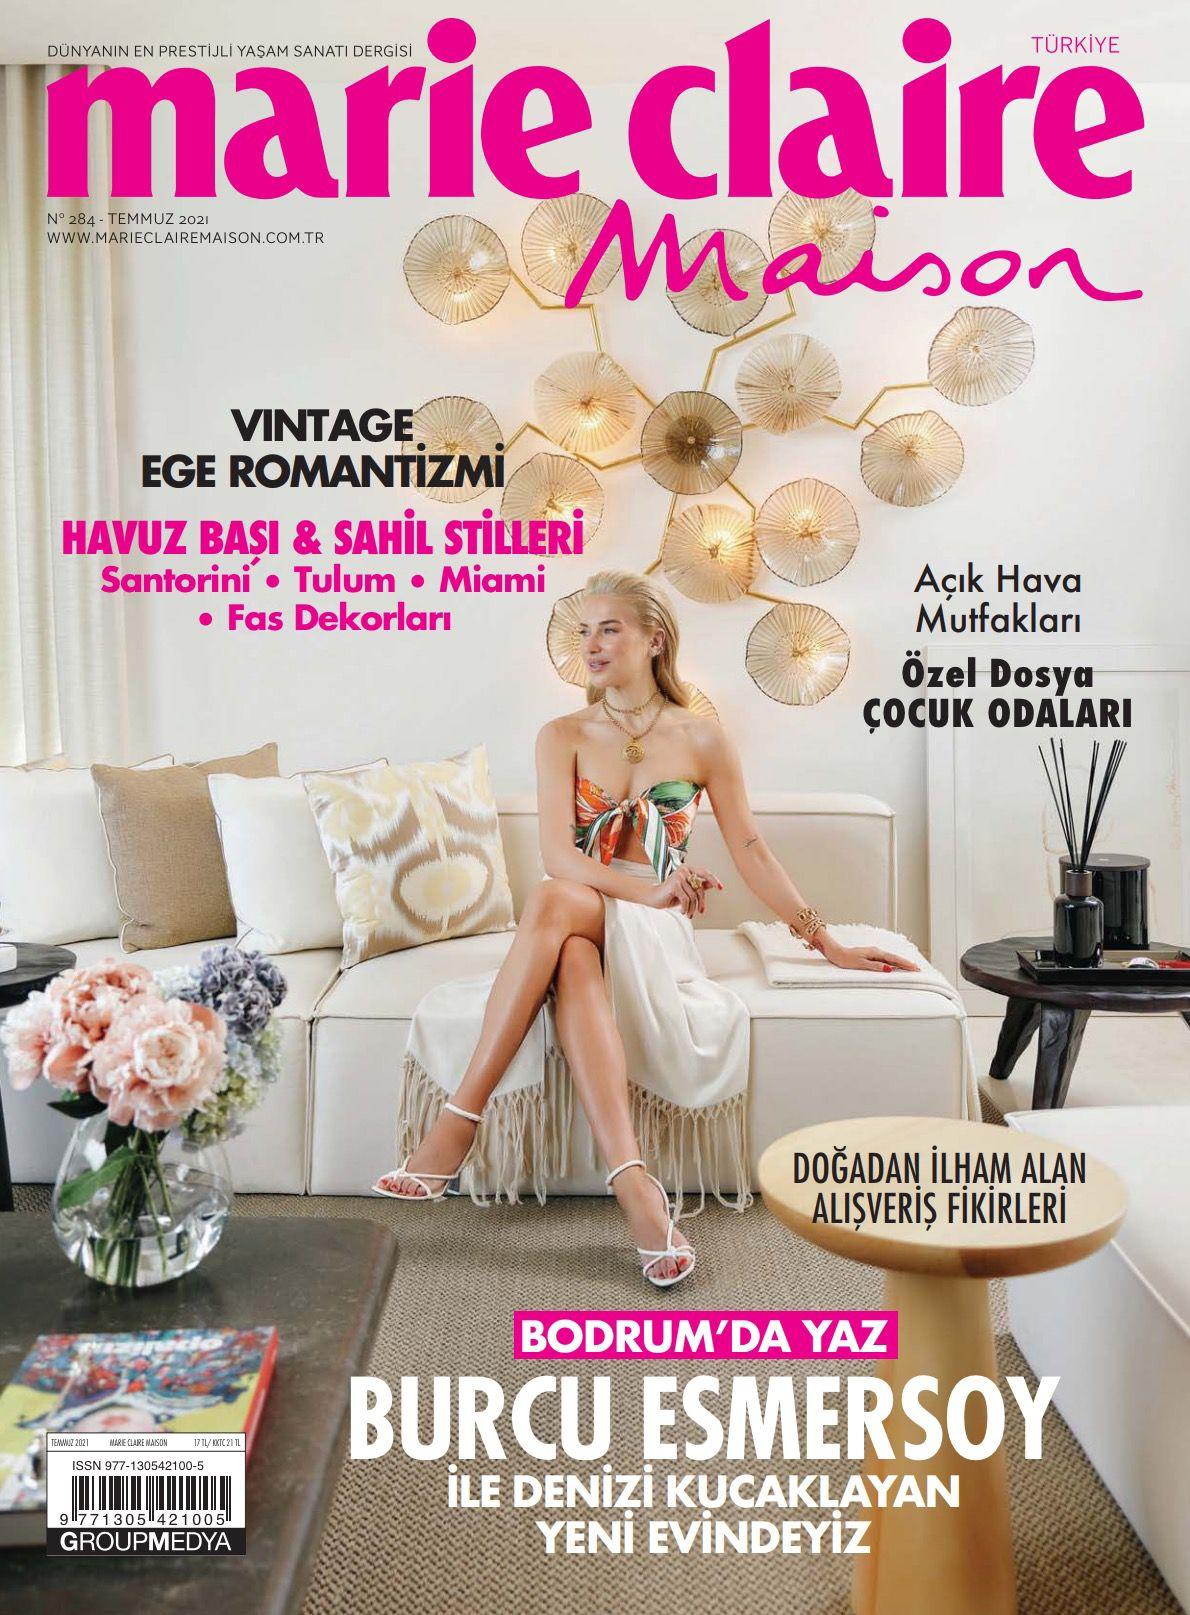 MARIE CLAIRE MAISON / JULY